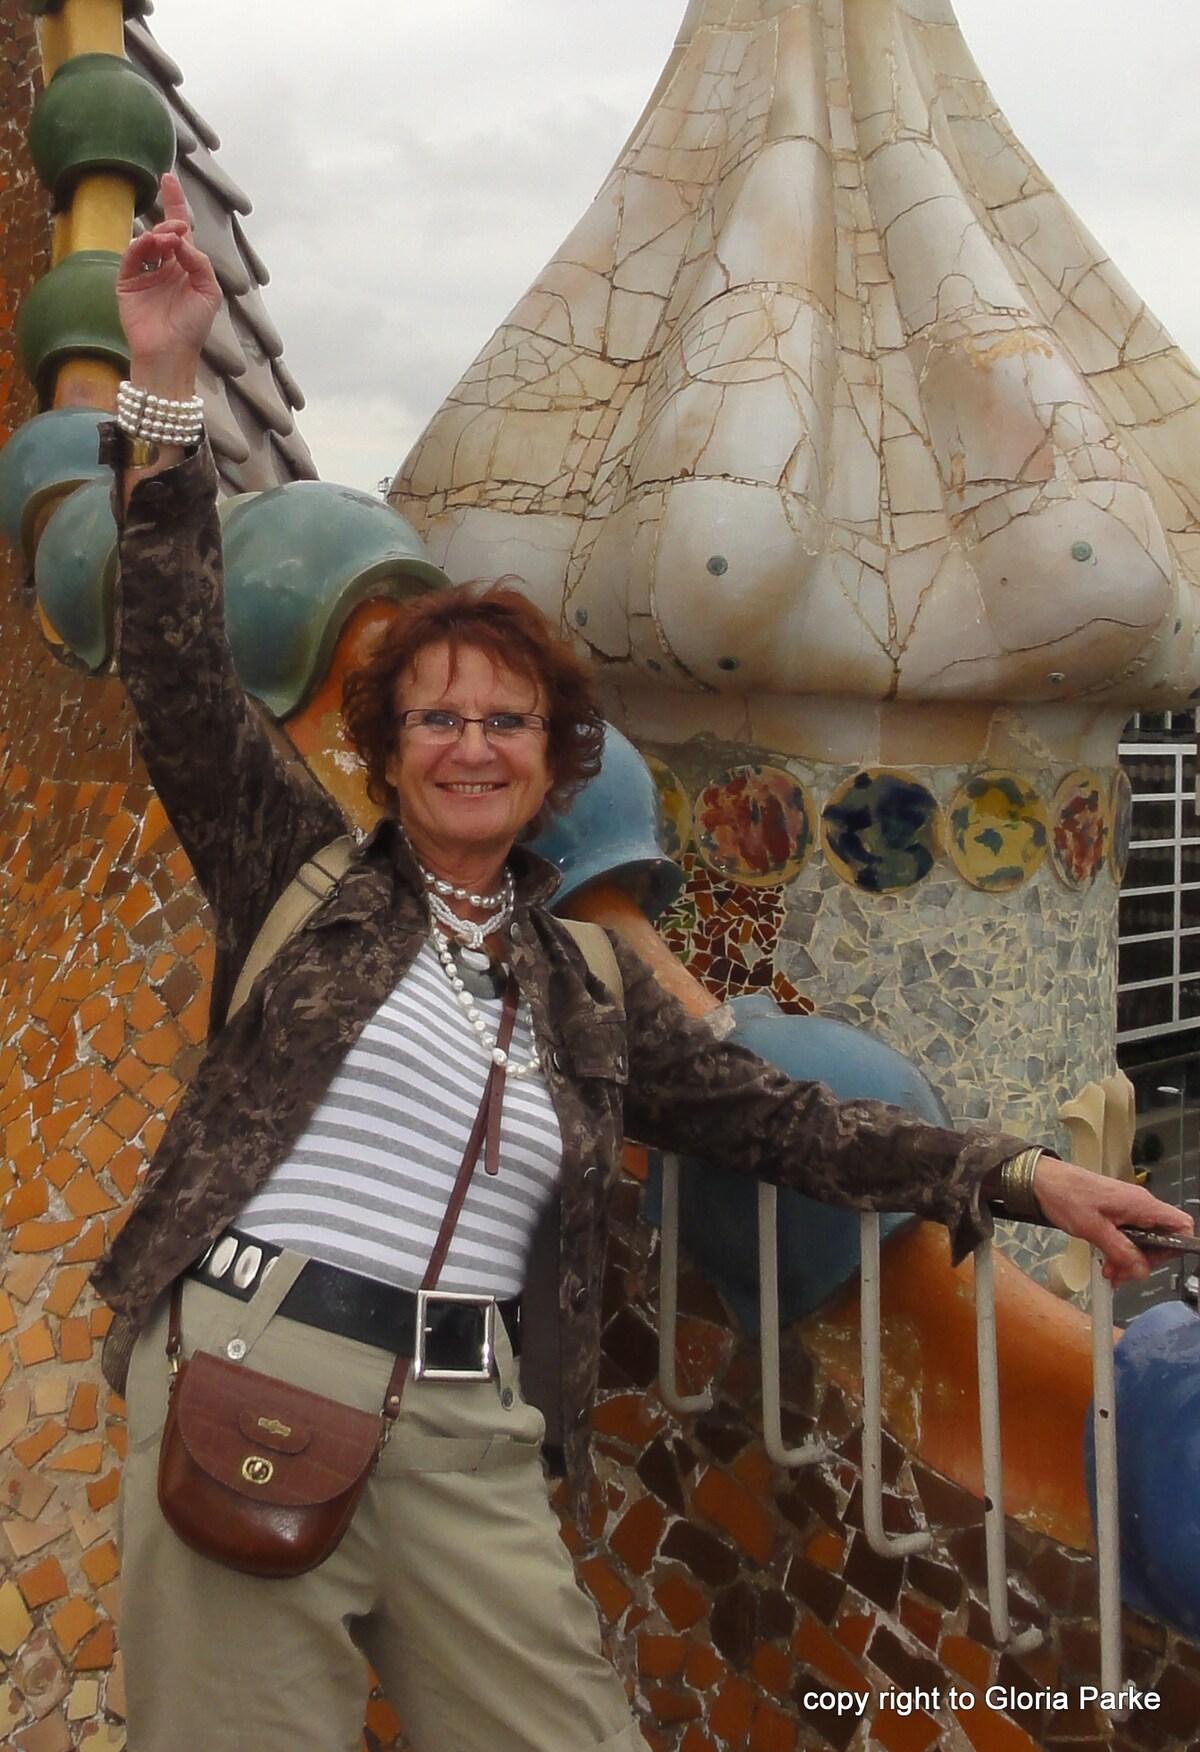 Gloria from Aspiran